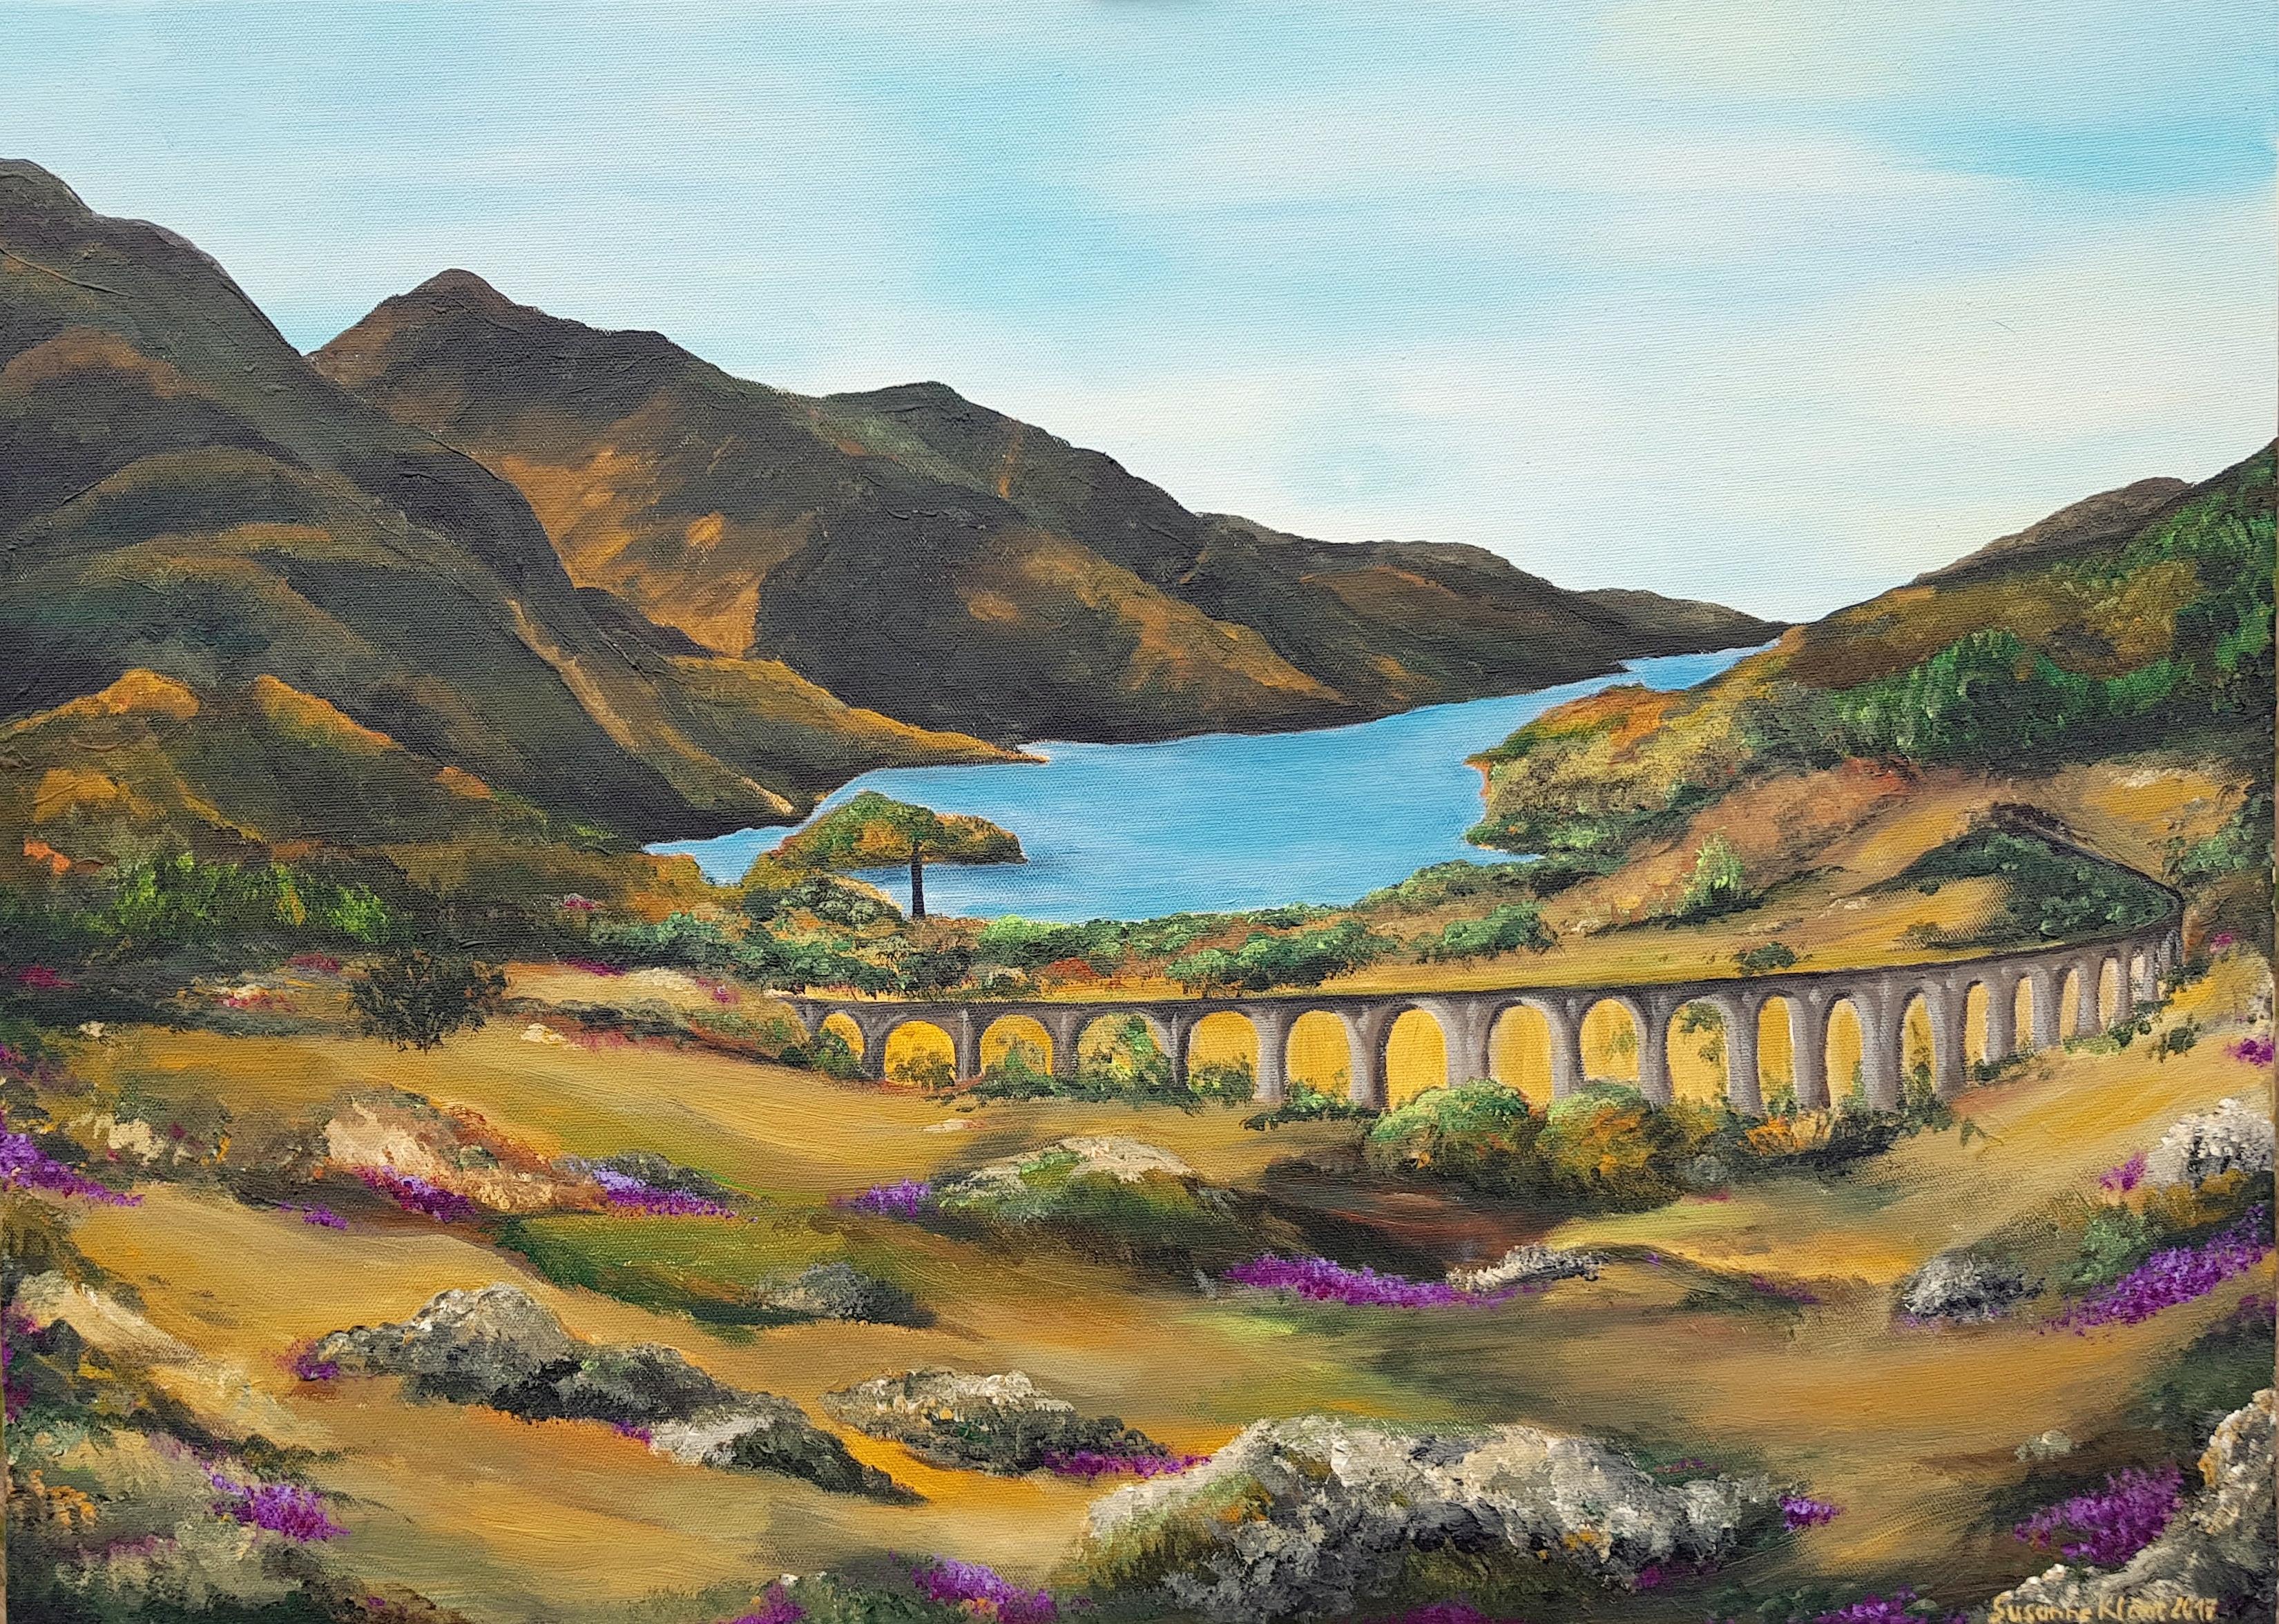 Glenfinnanviaduct